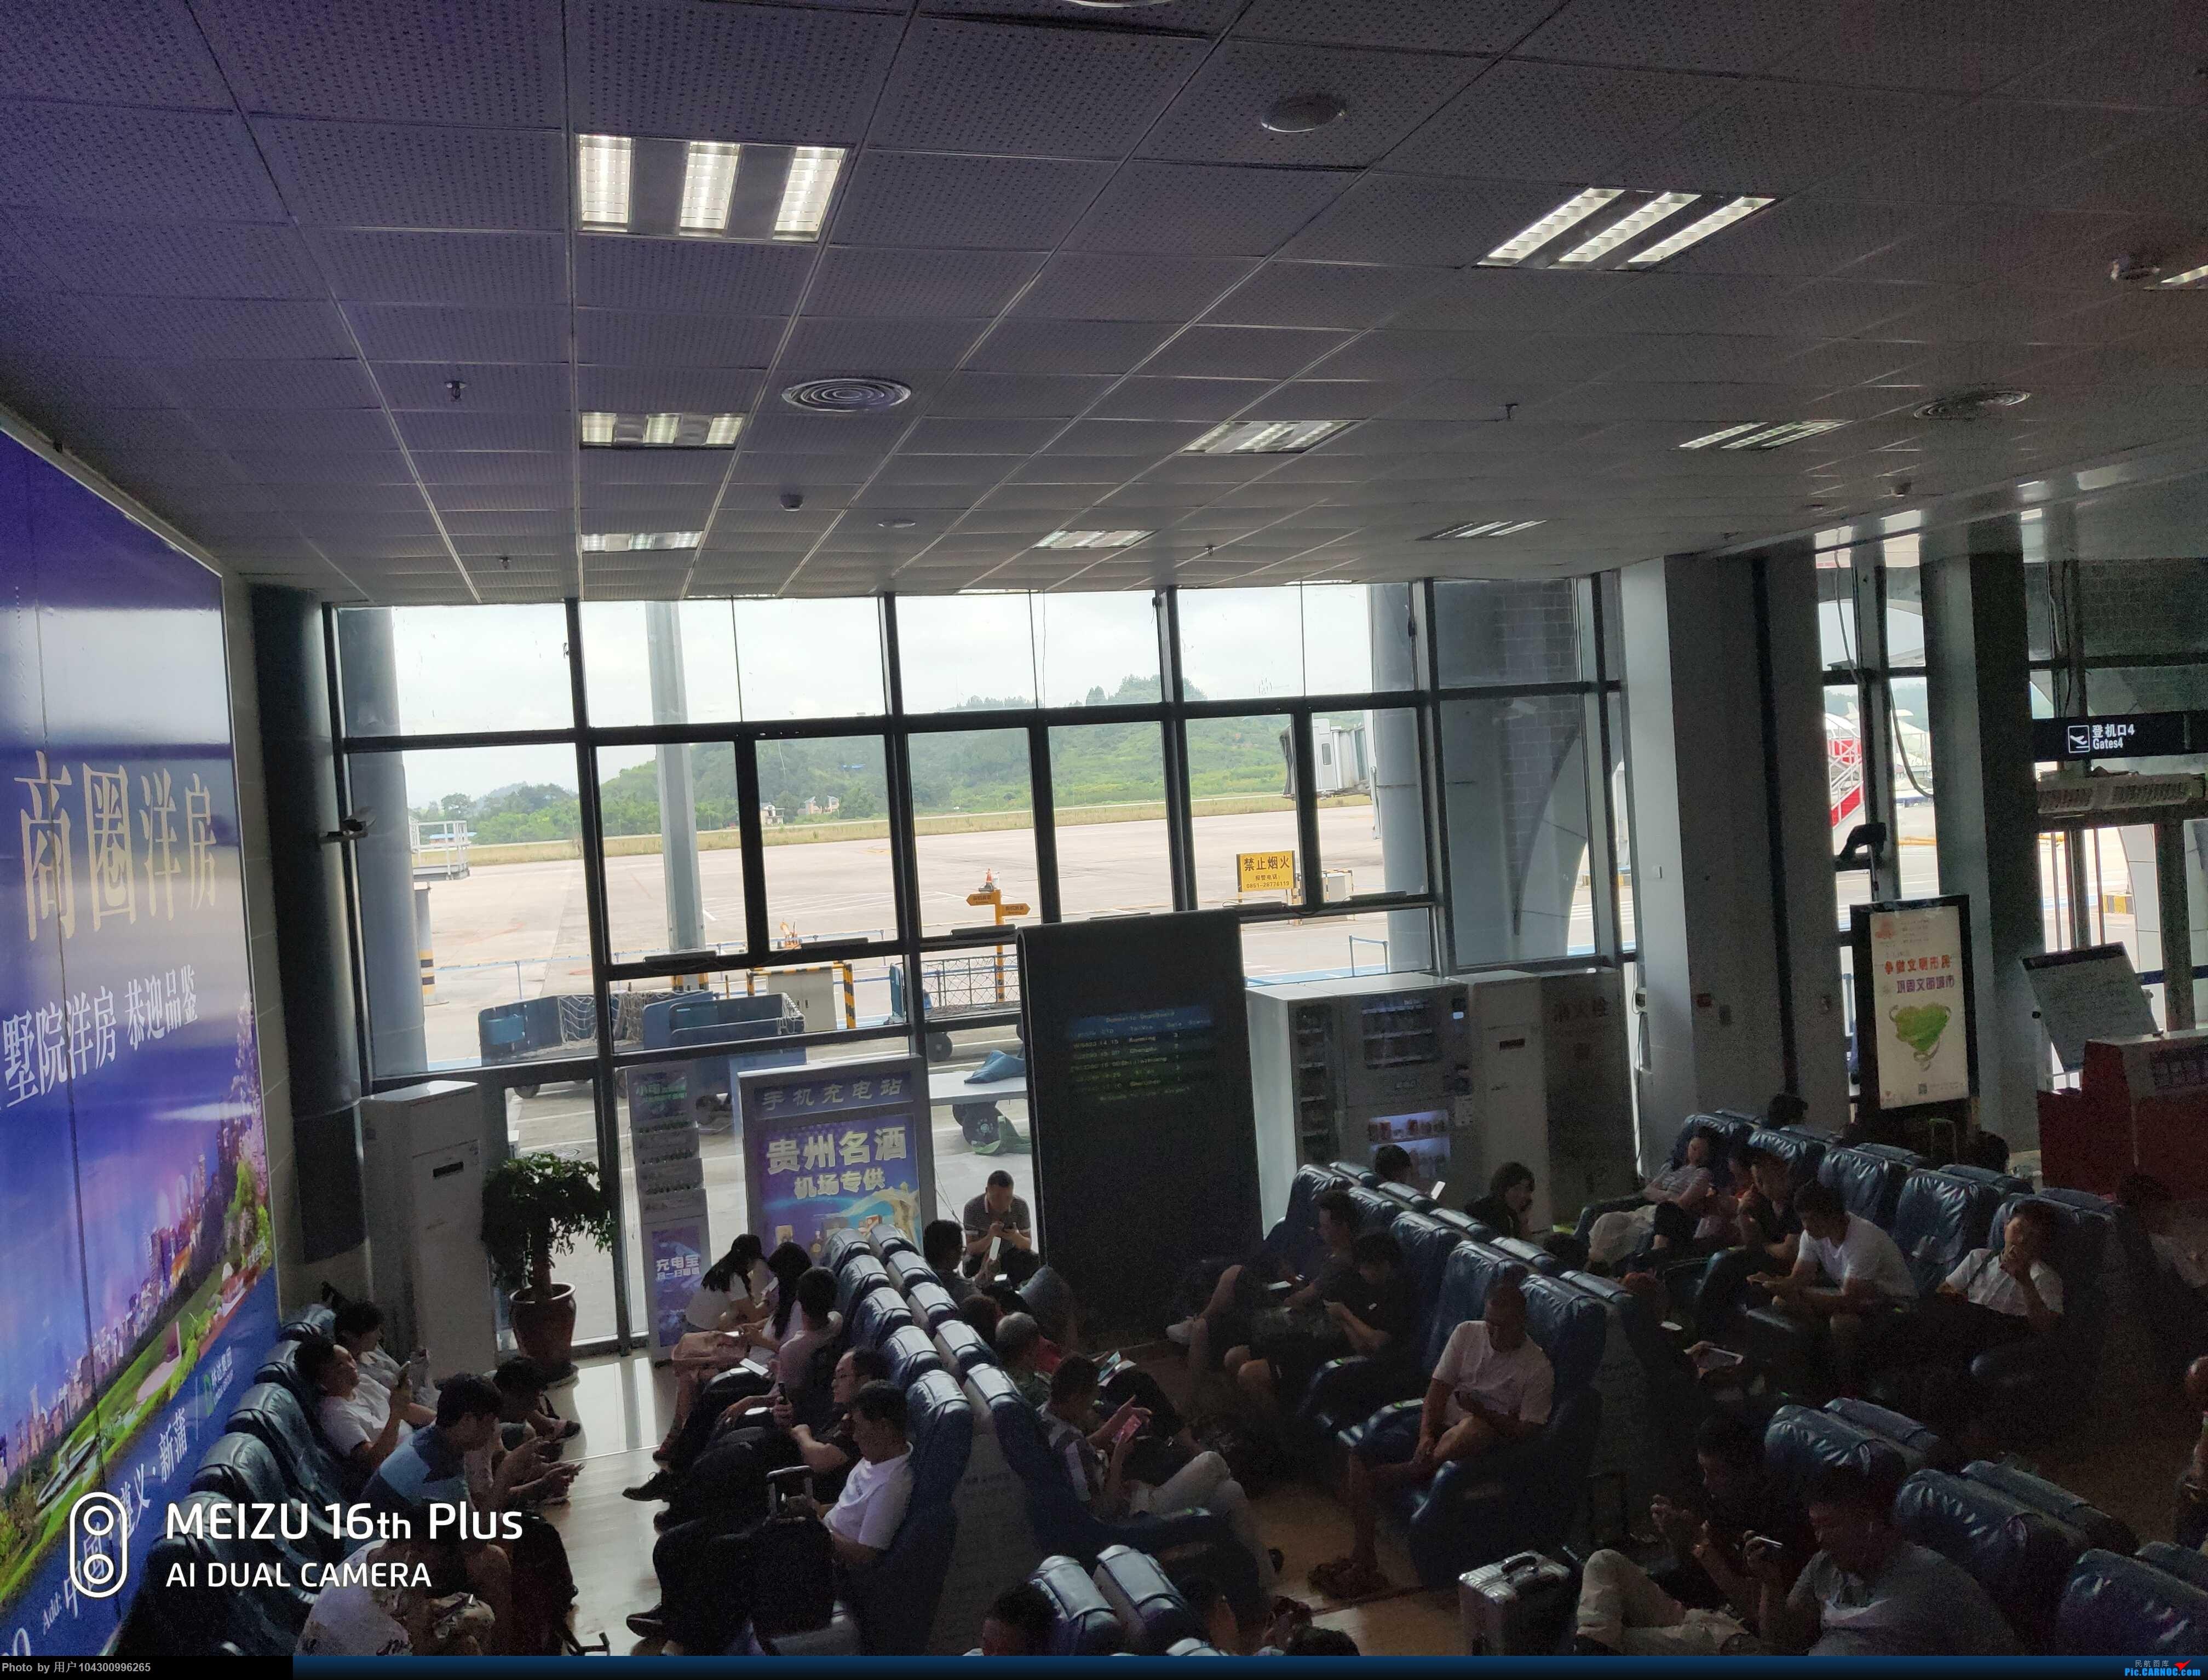 Re:[原创]DM游记之FU遵义--桂林    中国遵义新舟机场